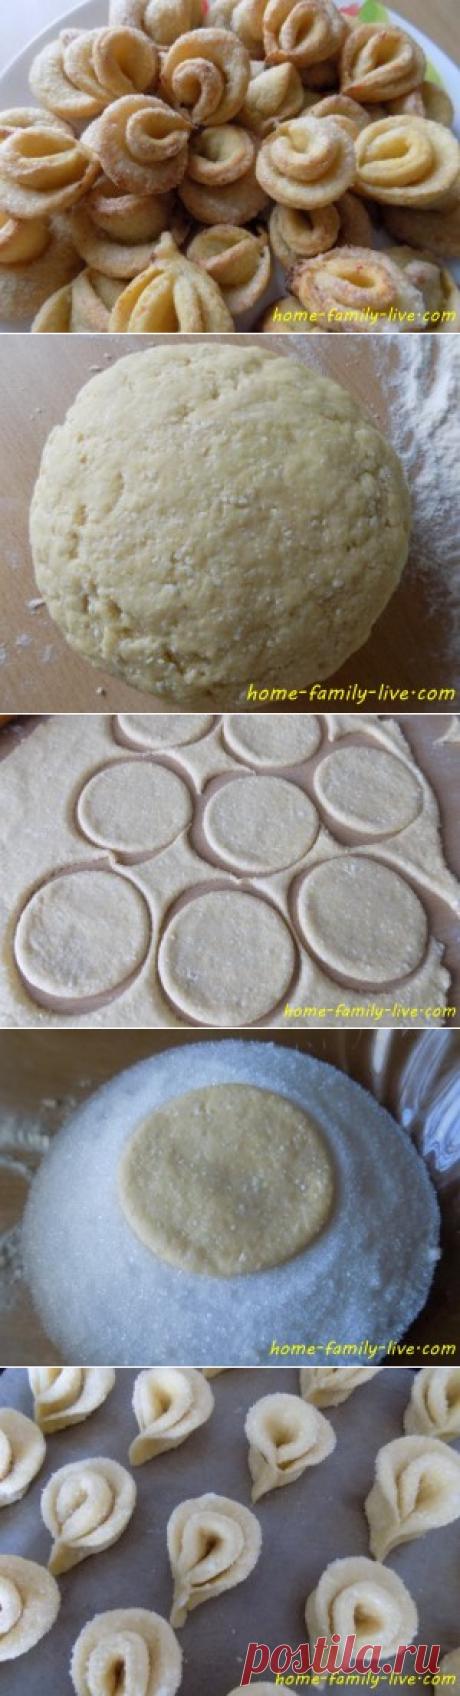 Печенье творожное - пошаговый рецепт с фотоКулинарные рецепты